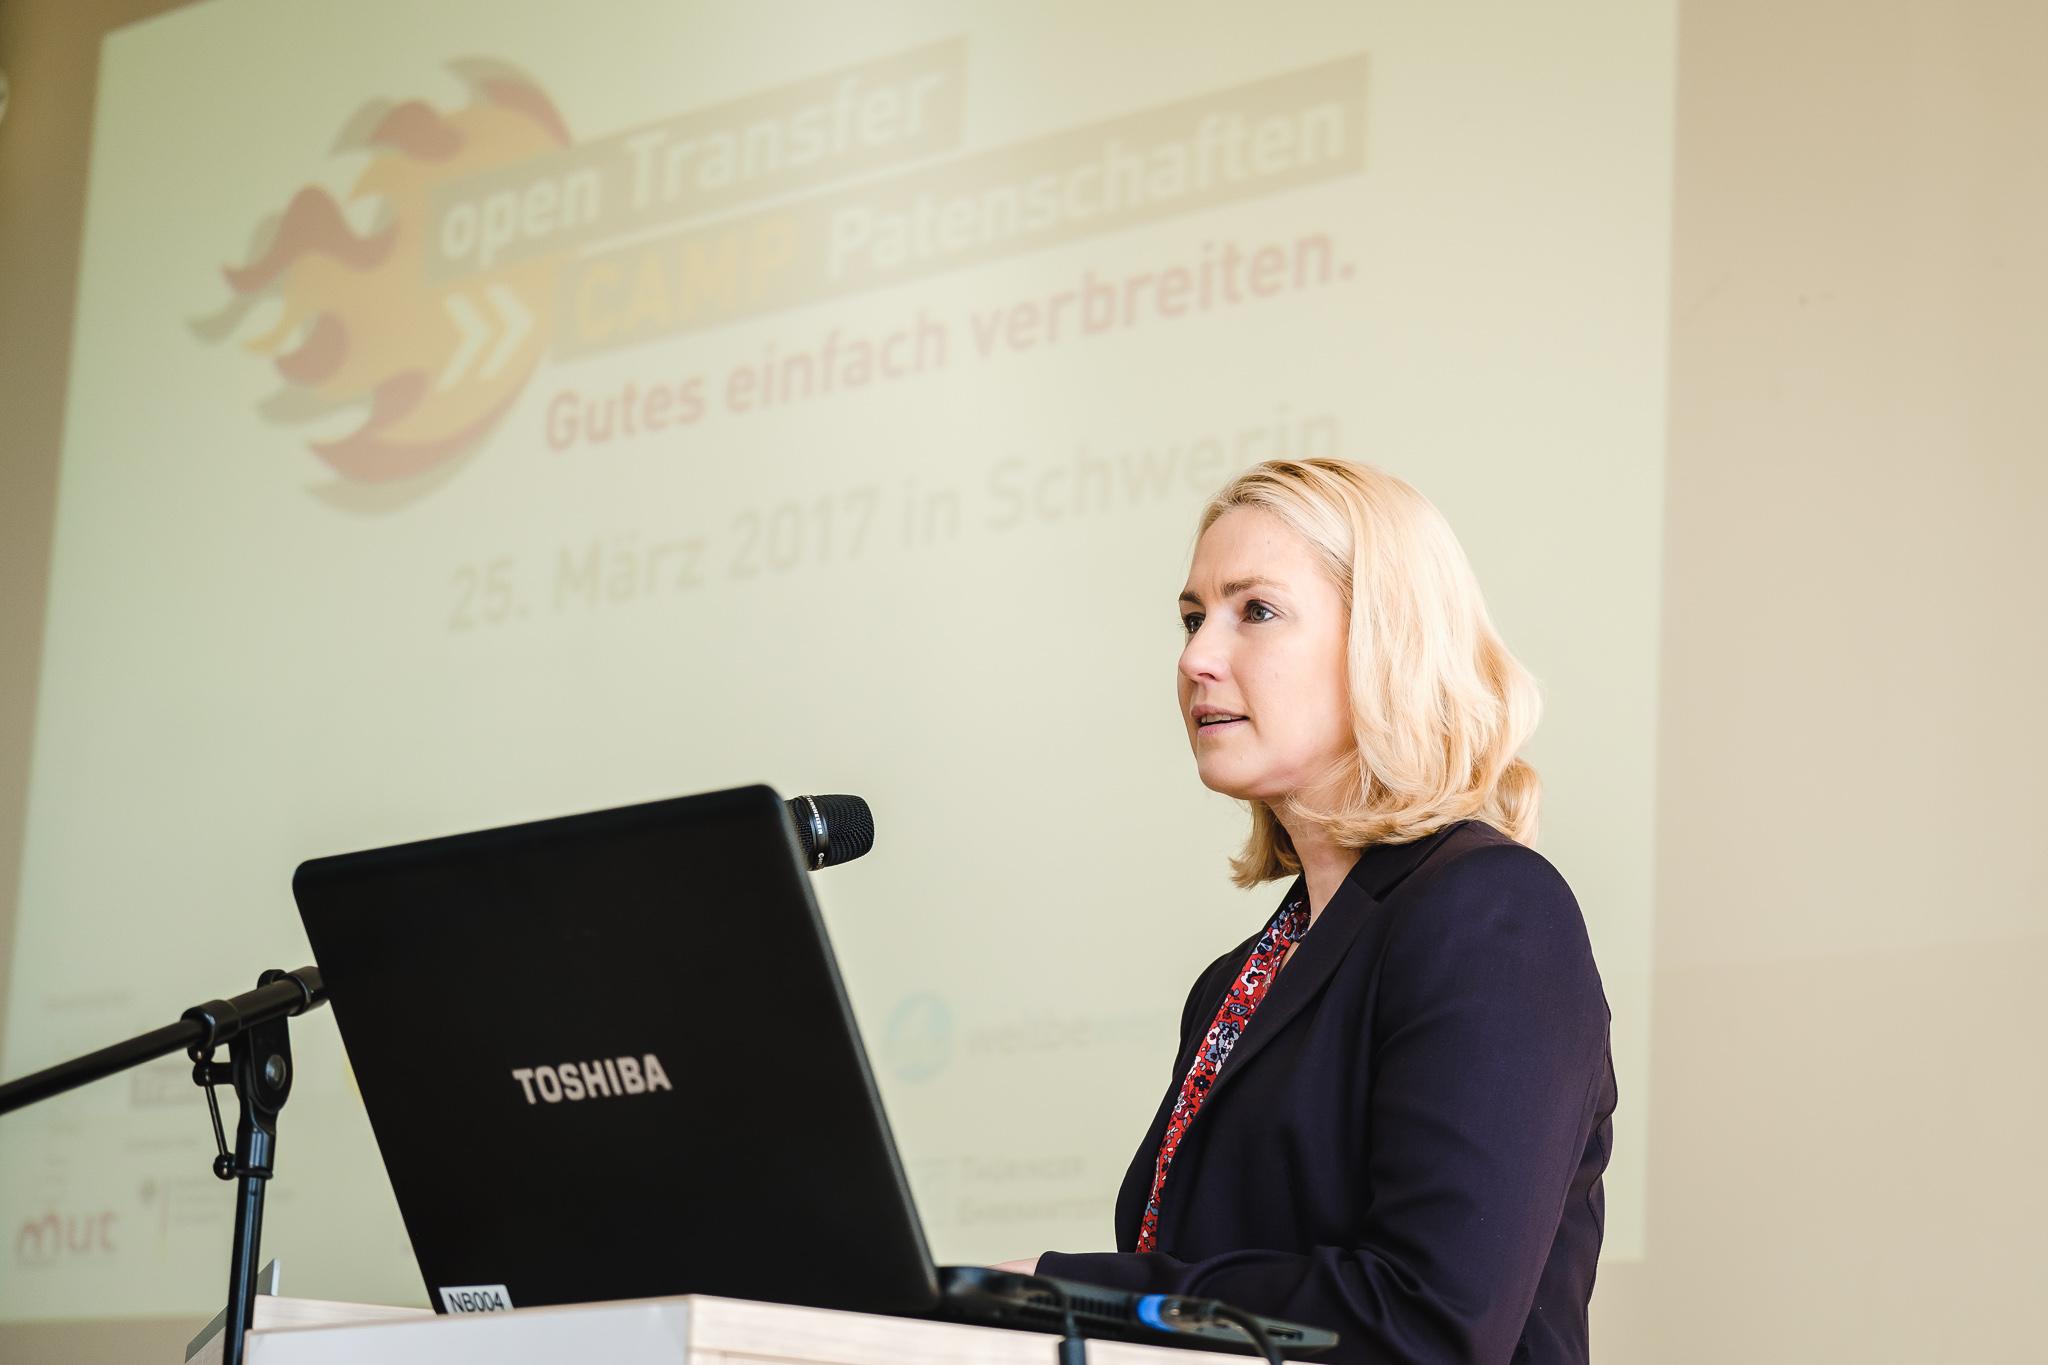 Bundesfamilienministerin Manuela Schwesig bei der Eröffnung des openTransfer CAMP Patenschaften am Rednerpult.